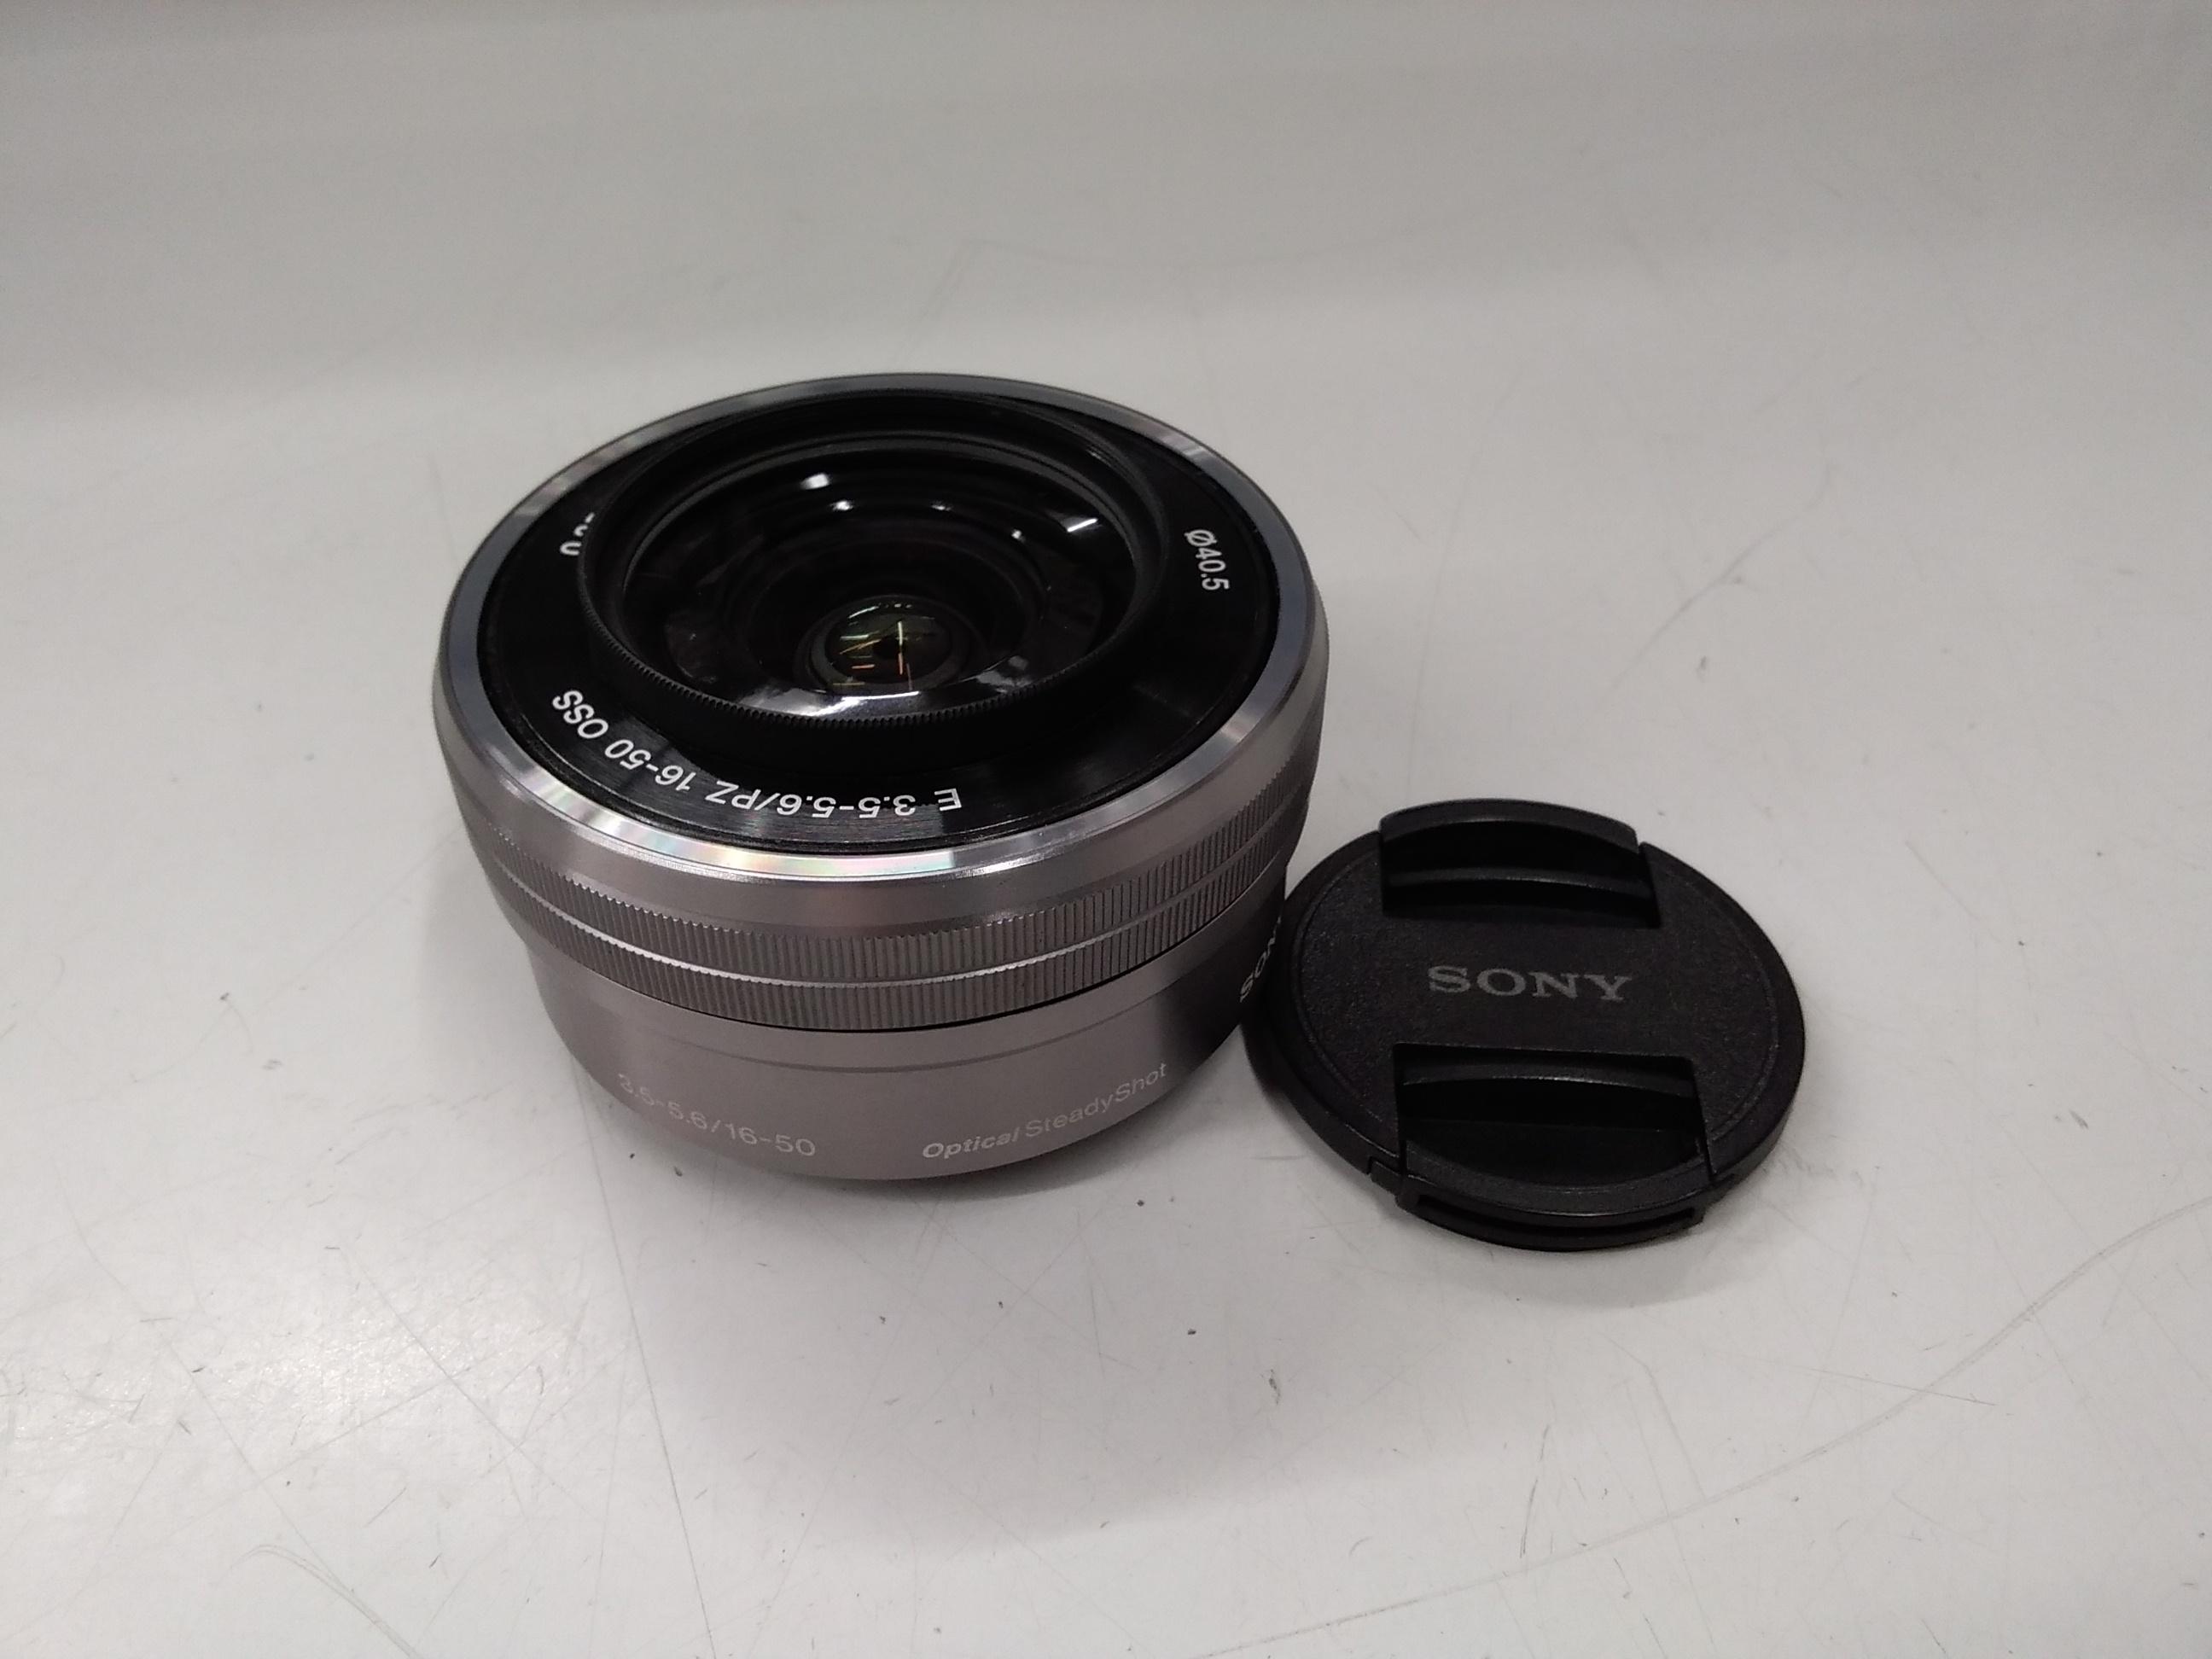 標準ズームレンズ Eマウント16-50mm F3.5-5.6|SONY